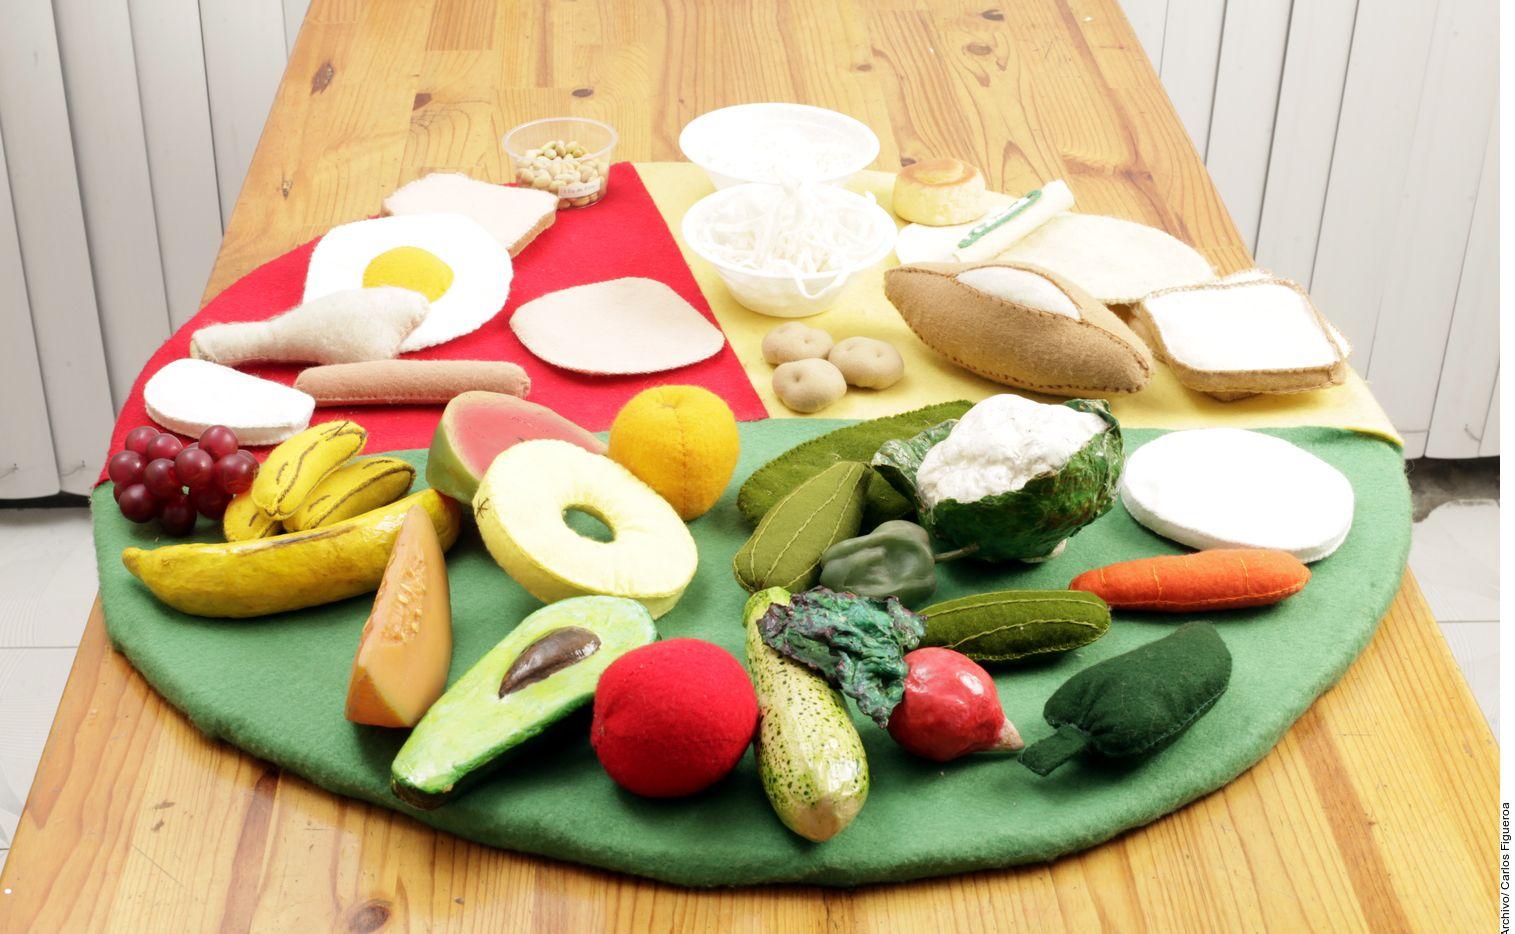 La propuesta, que busca reducir la pandemia de obesidad y los males crónicos que provoca, es duplicar el consumo de alimentos saludables como frutas, verduras, legumbres y frutos secos. (AGENCIA REFORMA)